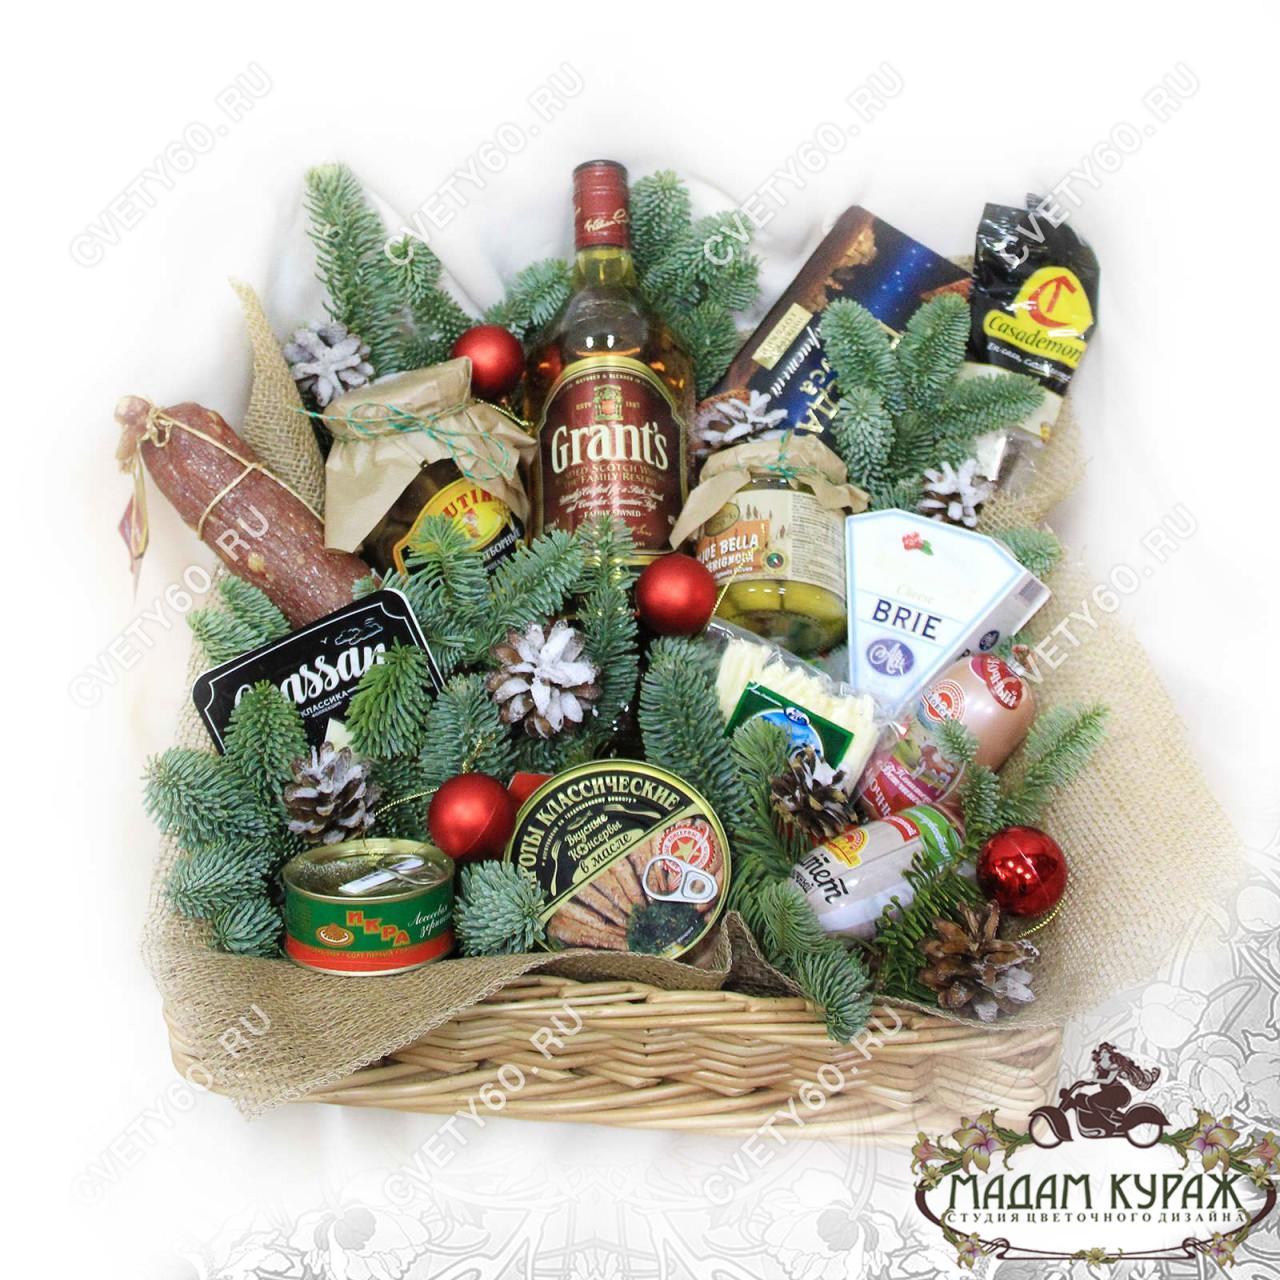 Продуктовая корзина в подарок на Новый Год в Пскове